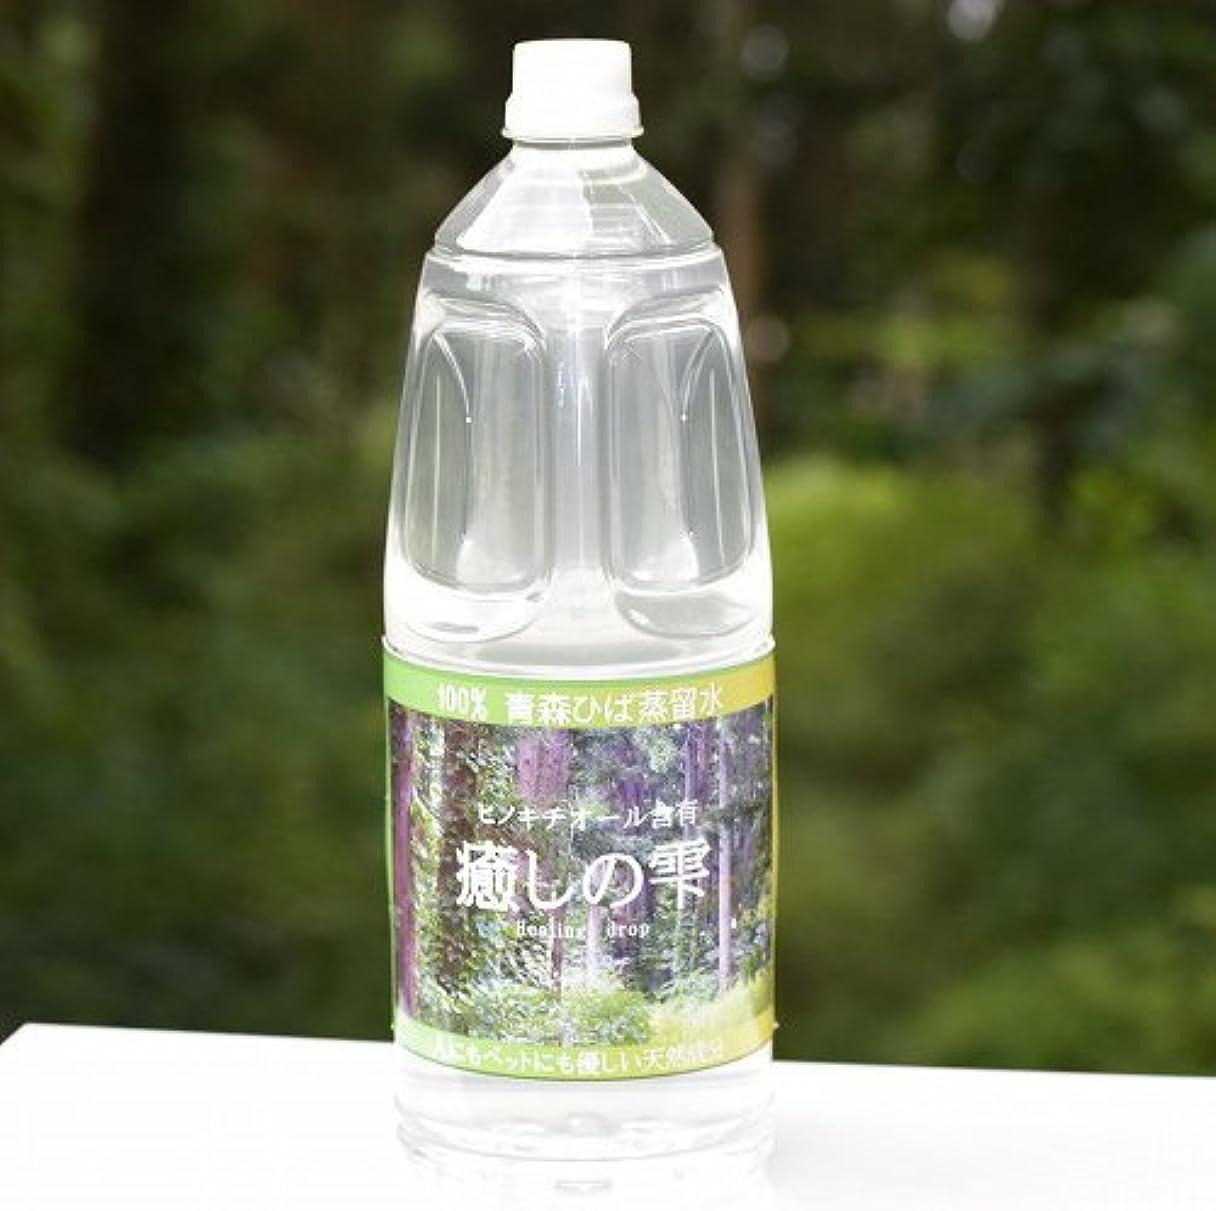 レディ肉屋する必要がある青森ひば 天然ヒバ水 癒しの雫 蒸留水 送料無料 1.8L×1本 お試し